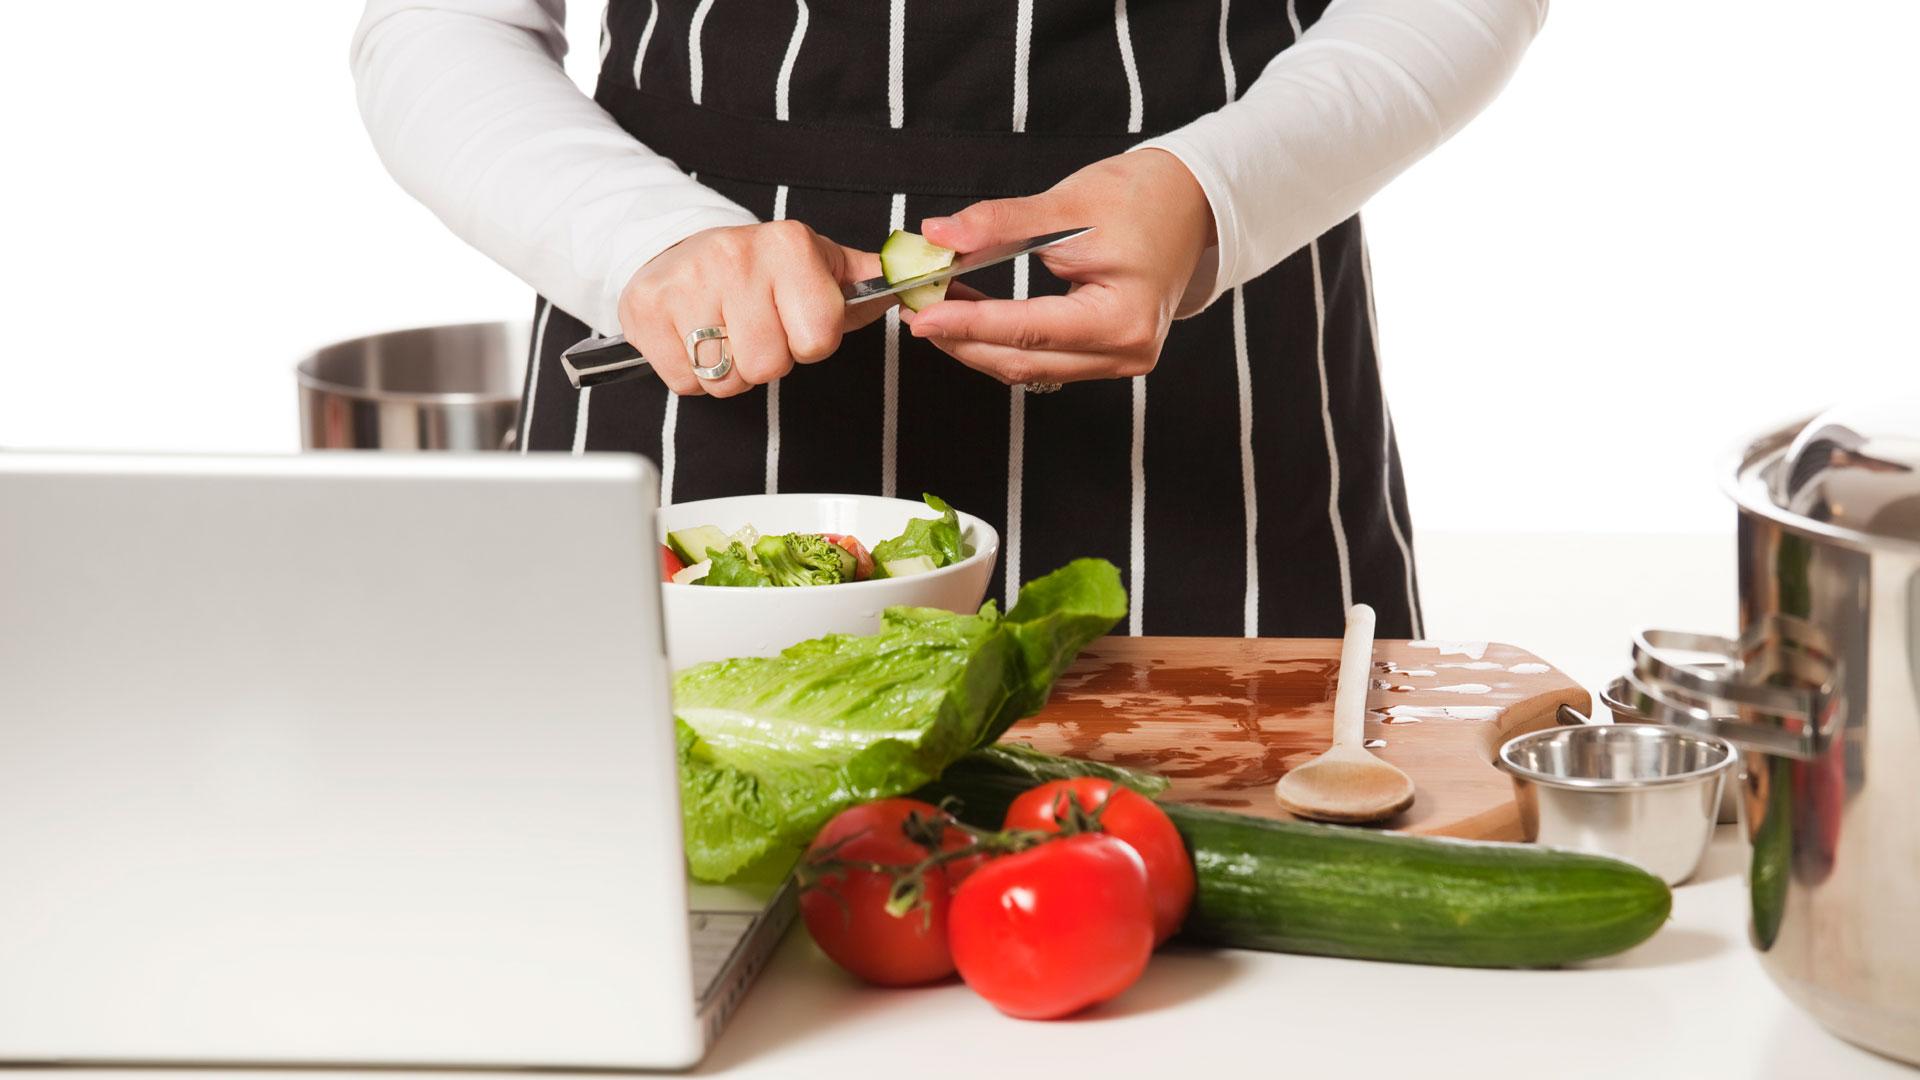 Google strizza sempre pi l 39 occhio alla cucina ora le ricette si trovano pi facilmente - Ricette cucina on line ...